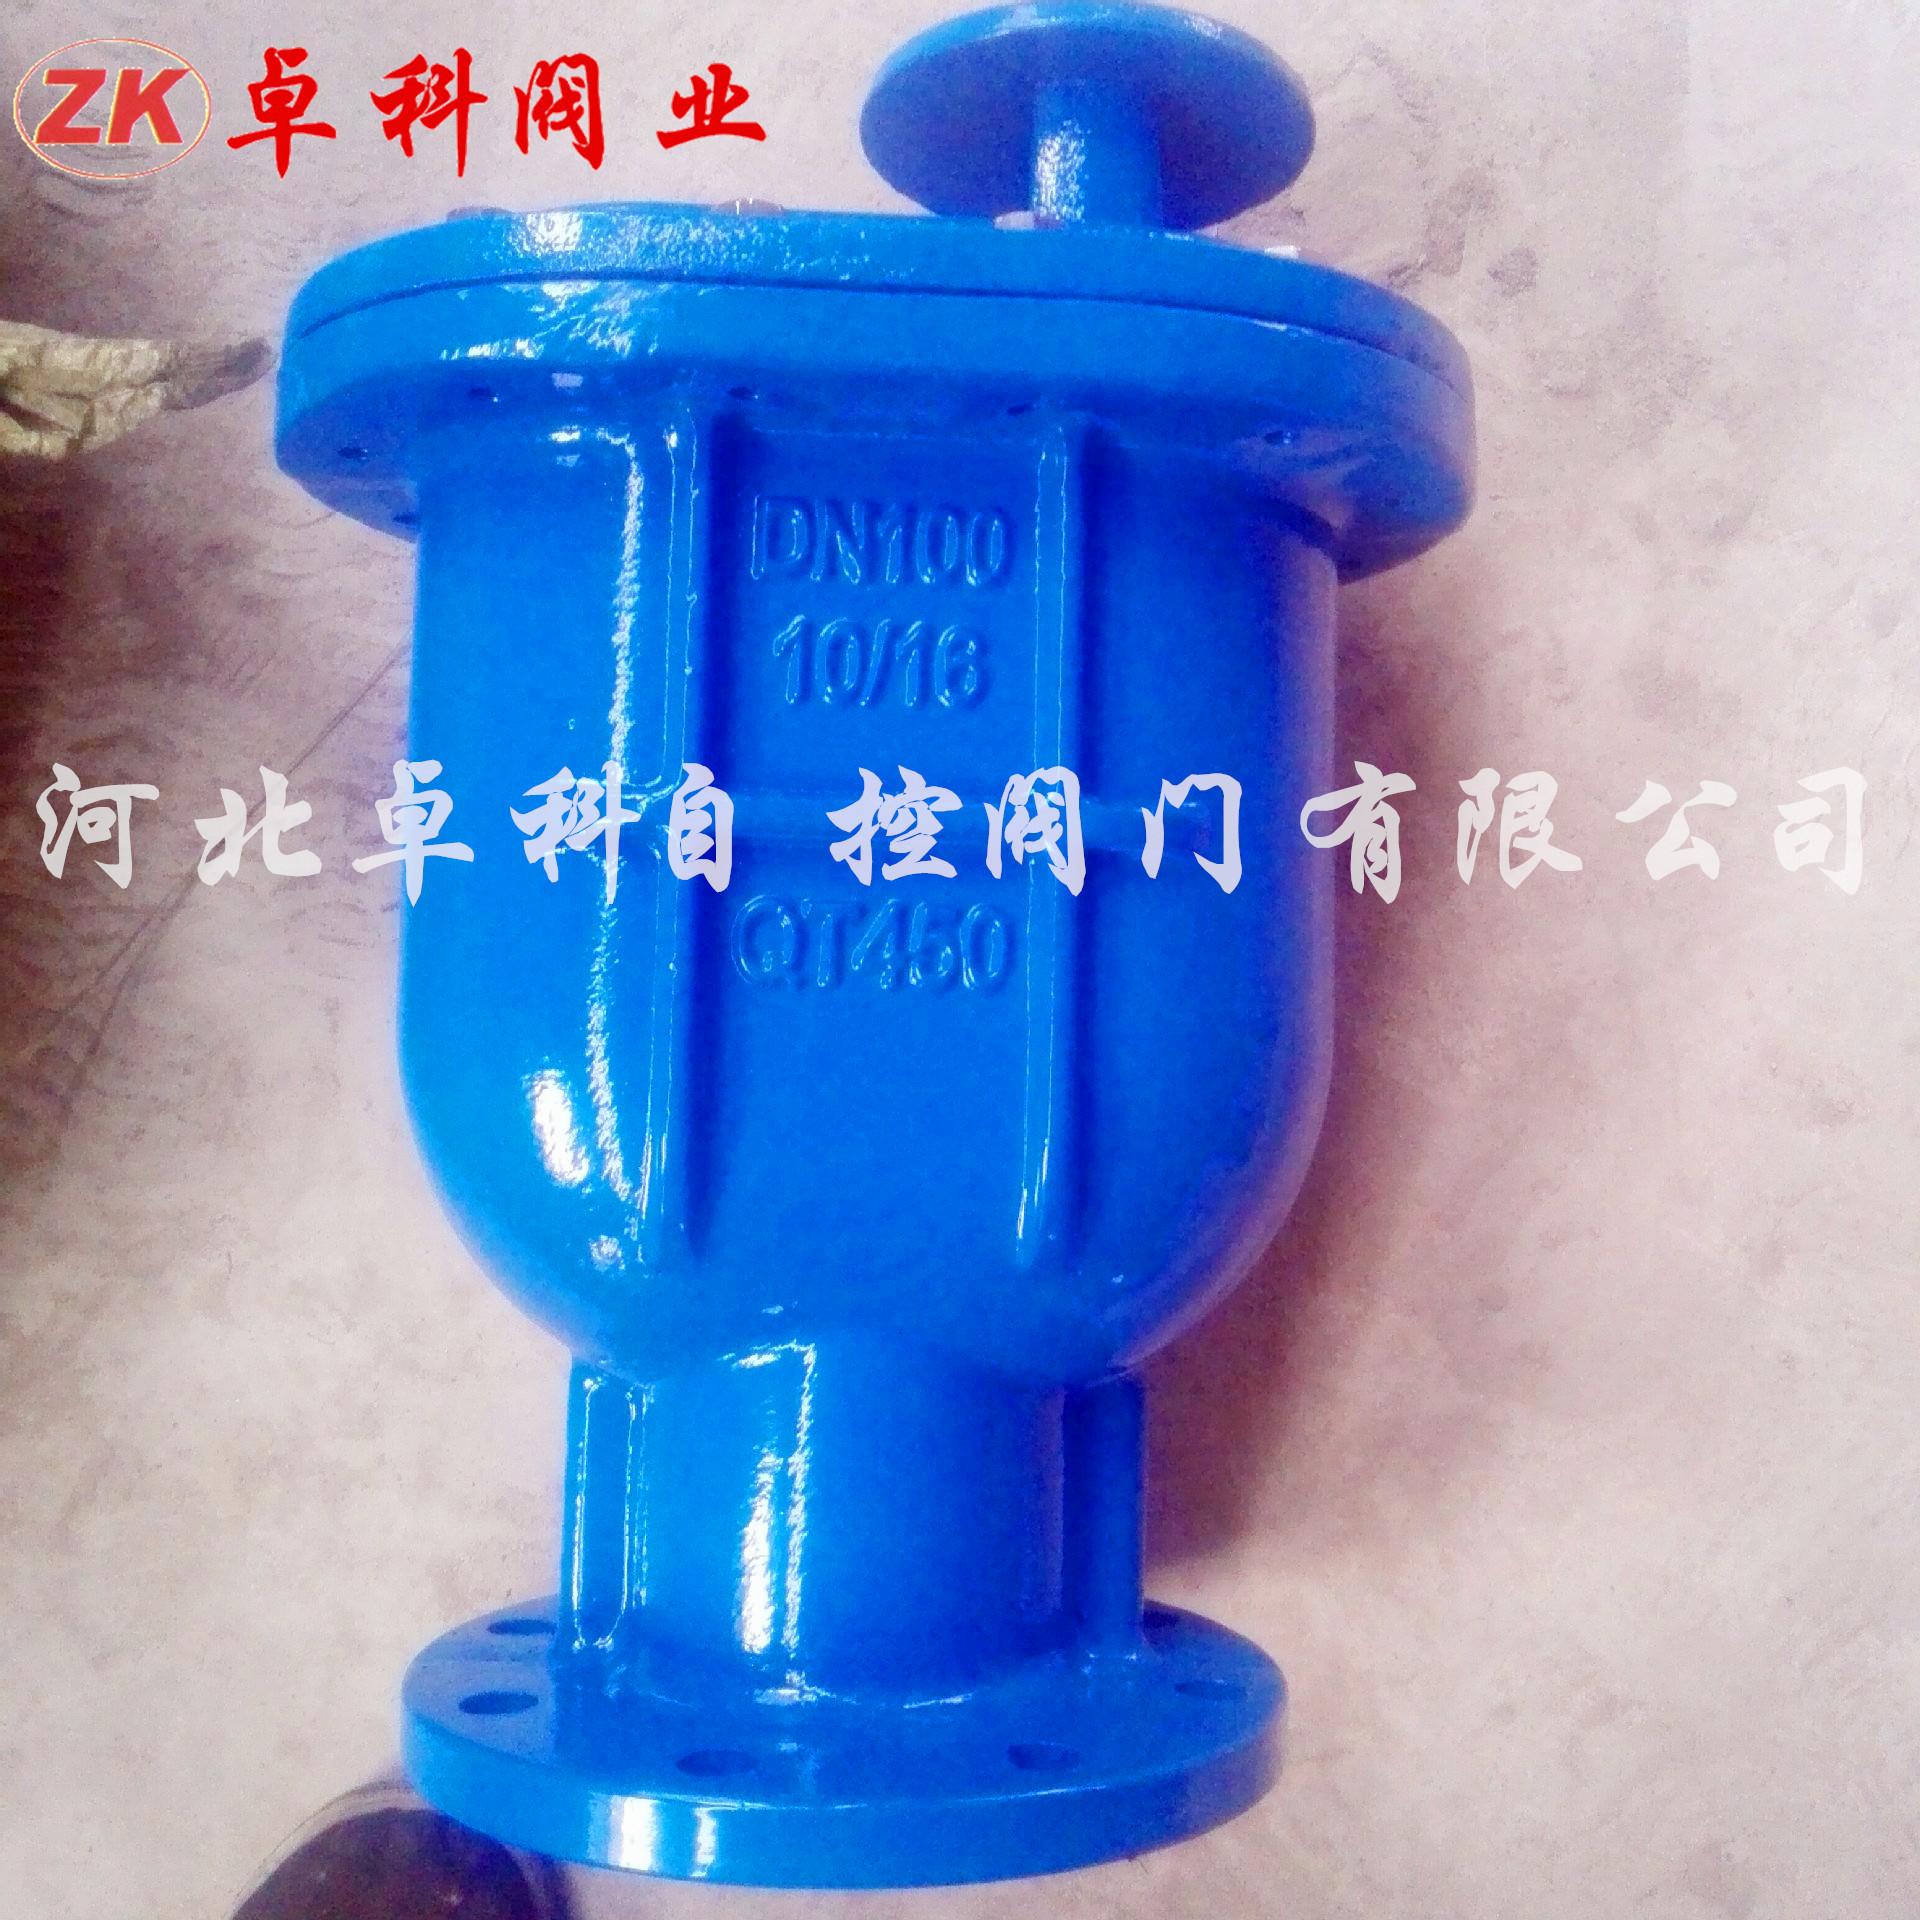 四川厂家销售 carx复合式排气阀-水利控制阀 价格优惠图片